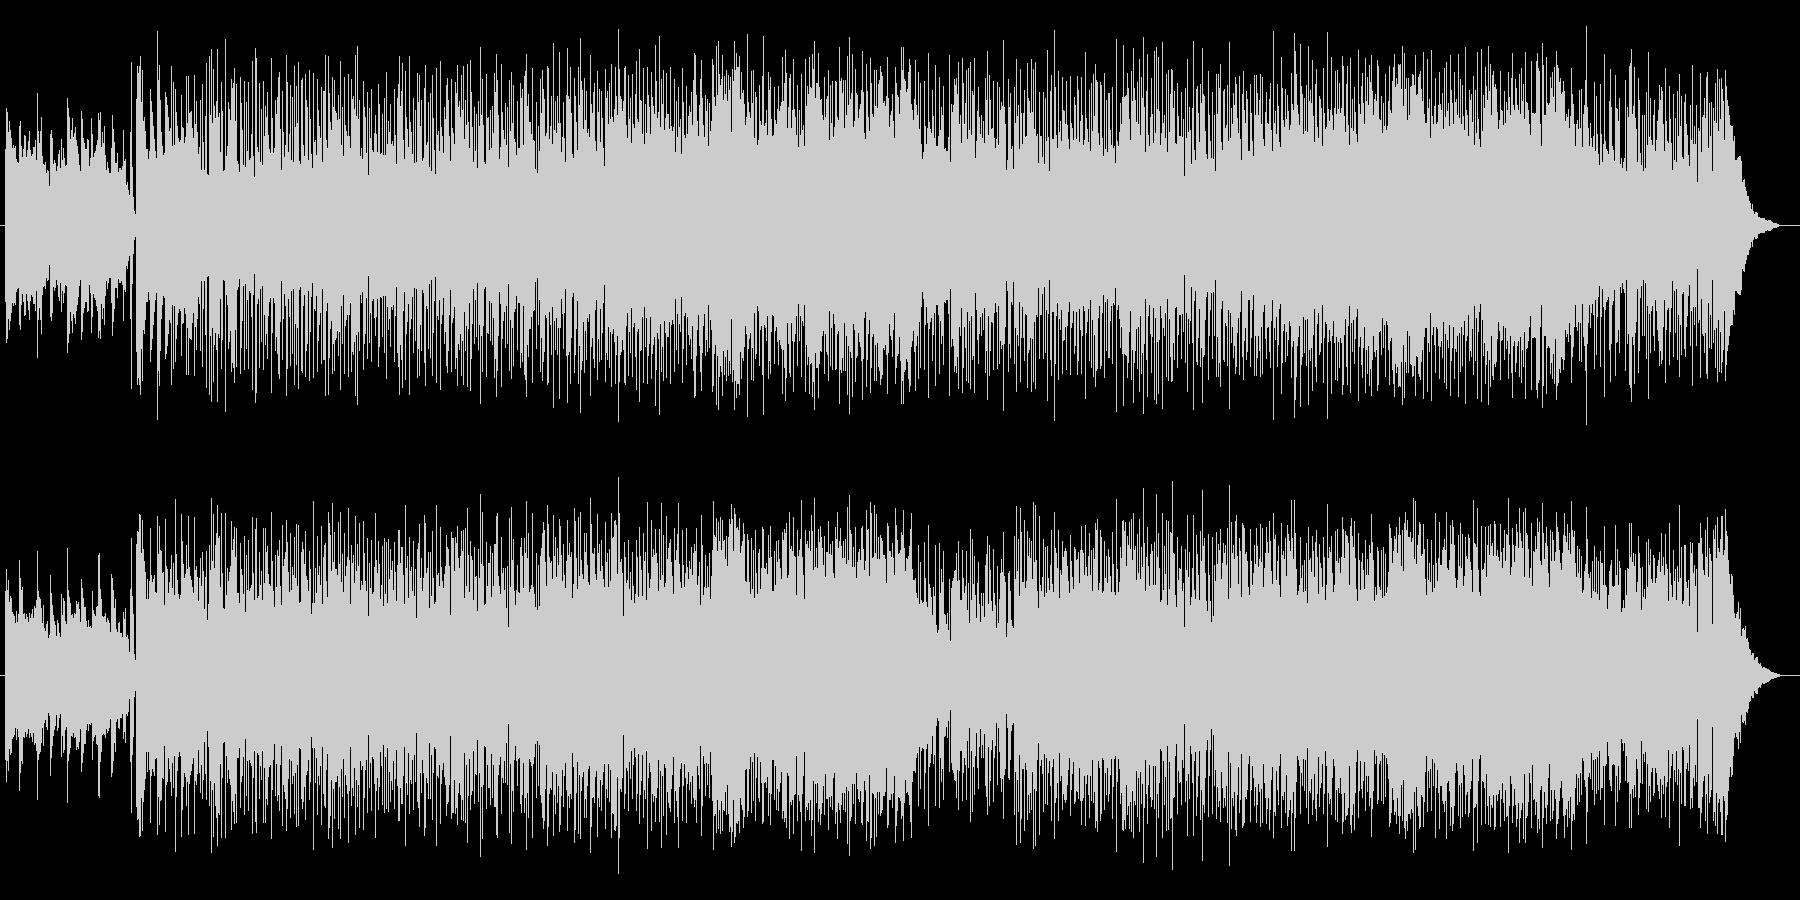 少し変わったノリノリな実験音楽風BGMの未再生の波形